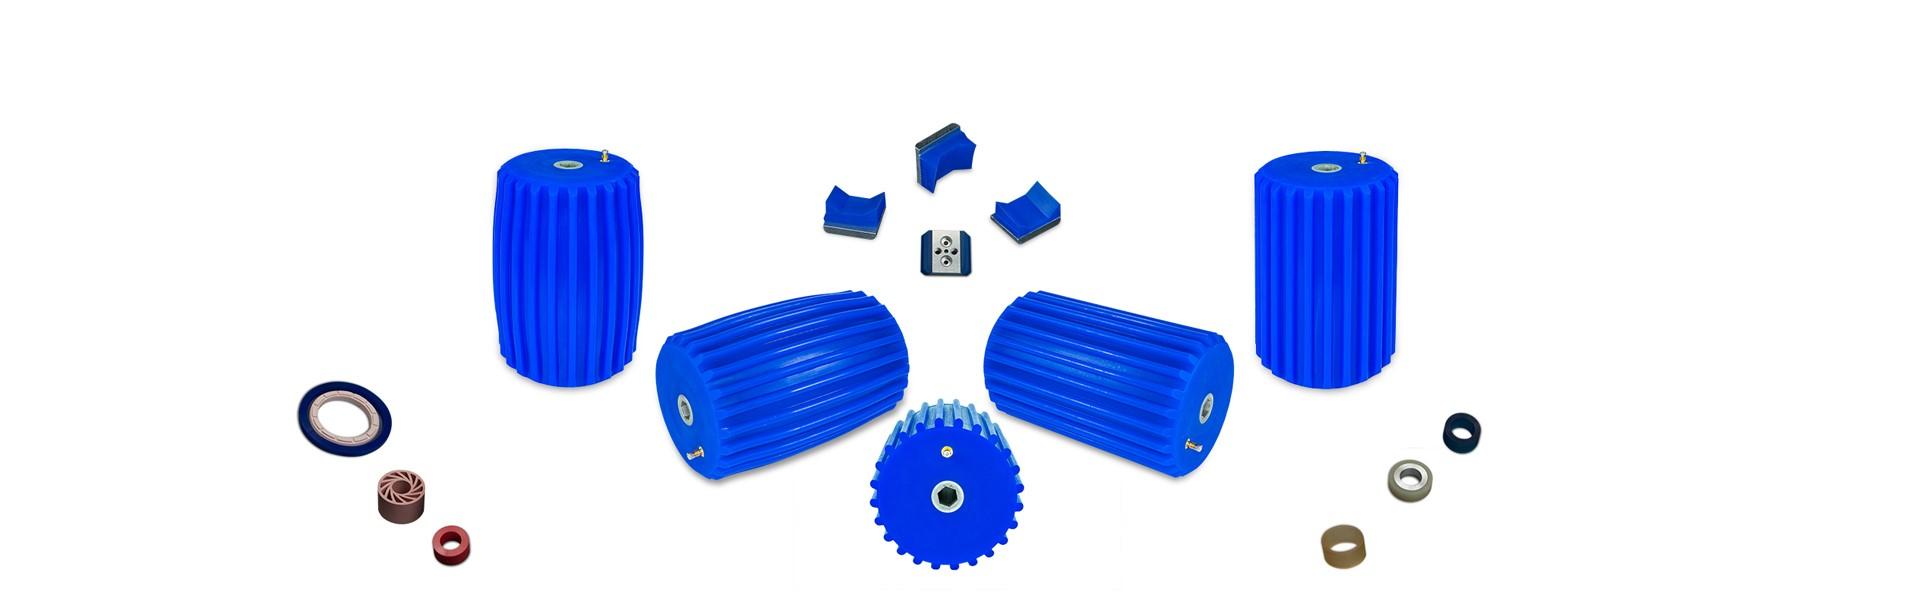 Einzelteile einer Gummidruckwalze